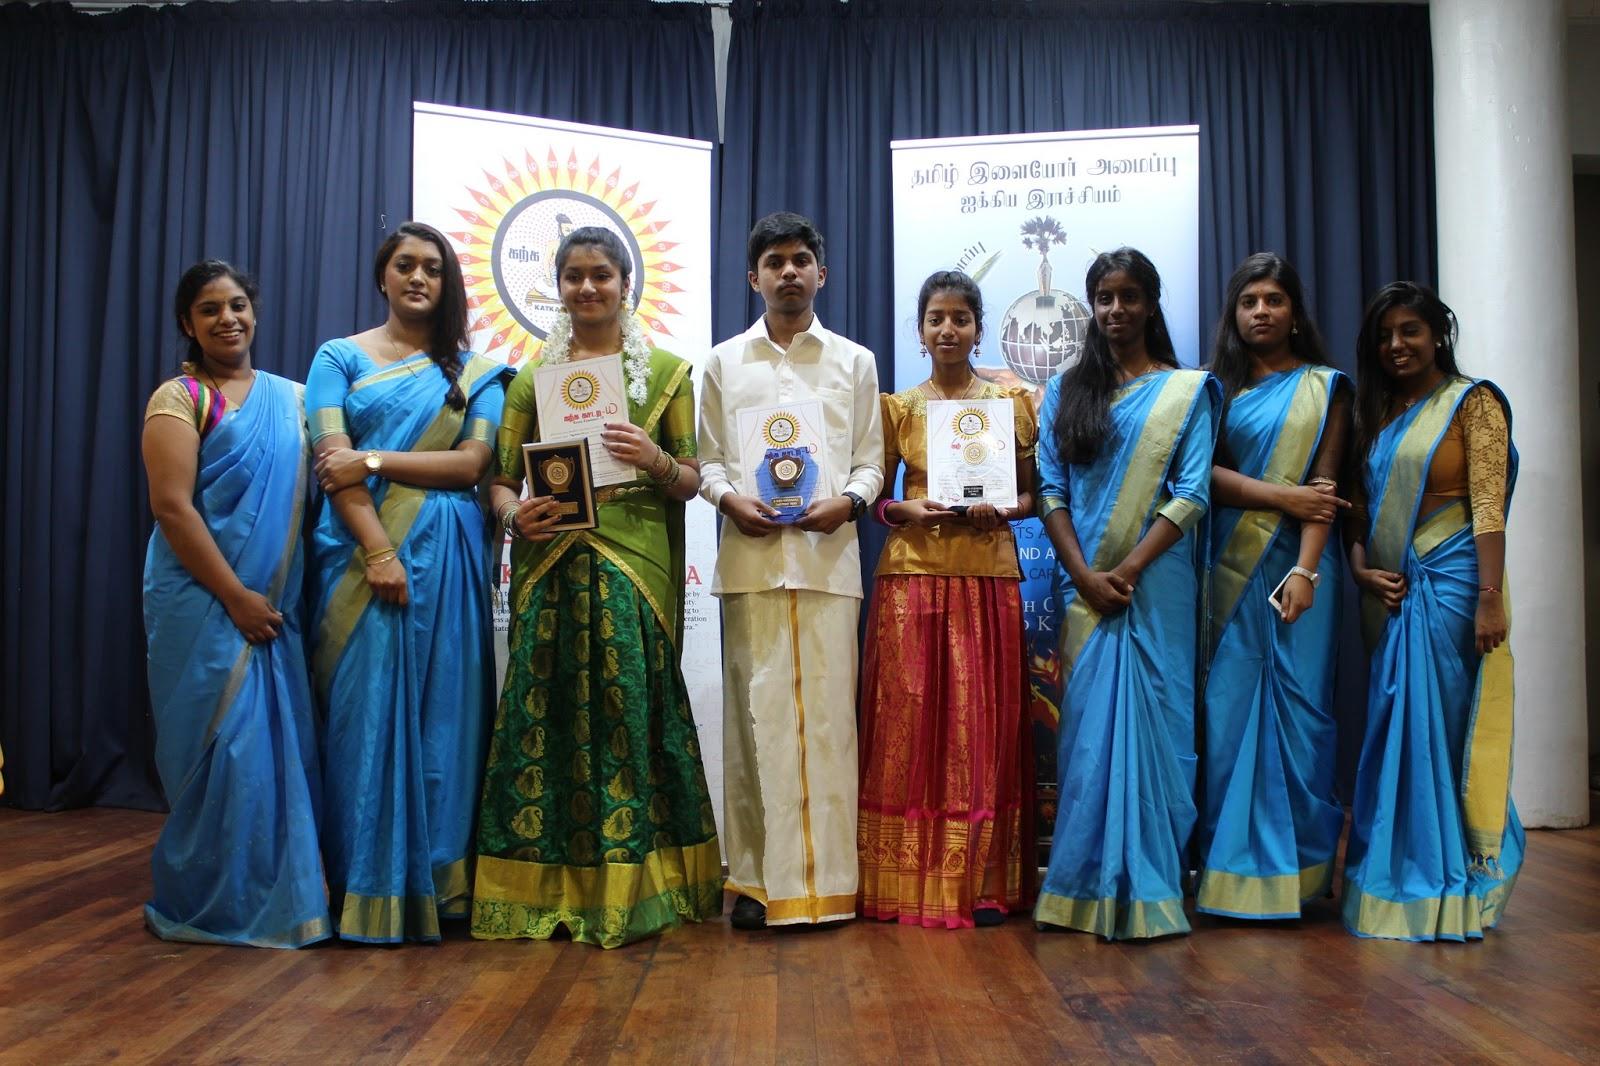 """10வது ஆண்டாக சிறப்பாக இடம்பெற்ற பிரித்தானிய தமிழ் இளையோர் அமைப்பின் """"கற்க கசடற 2020!📷"""